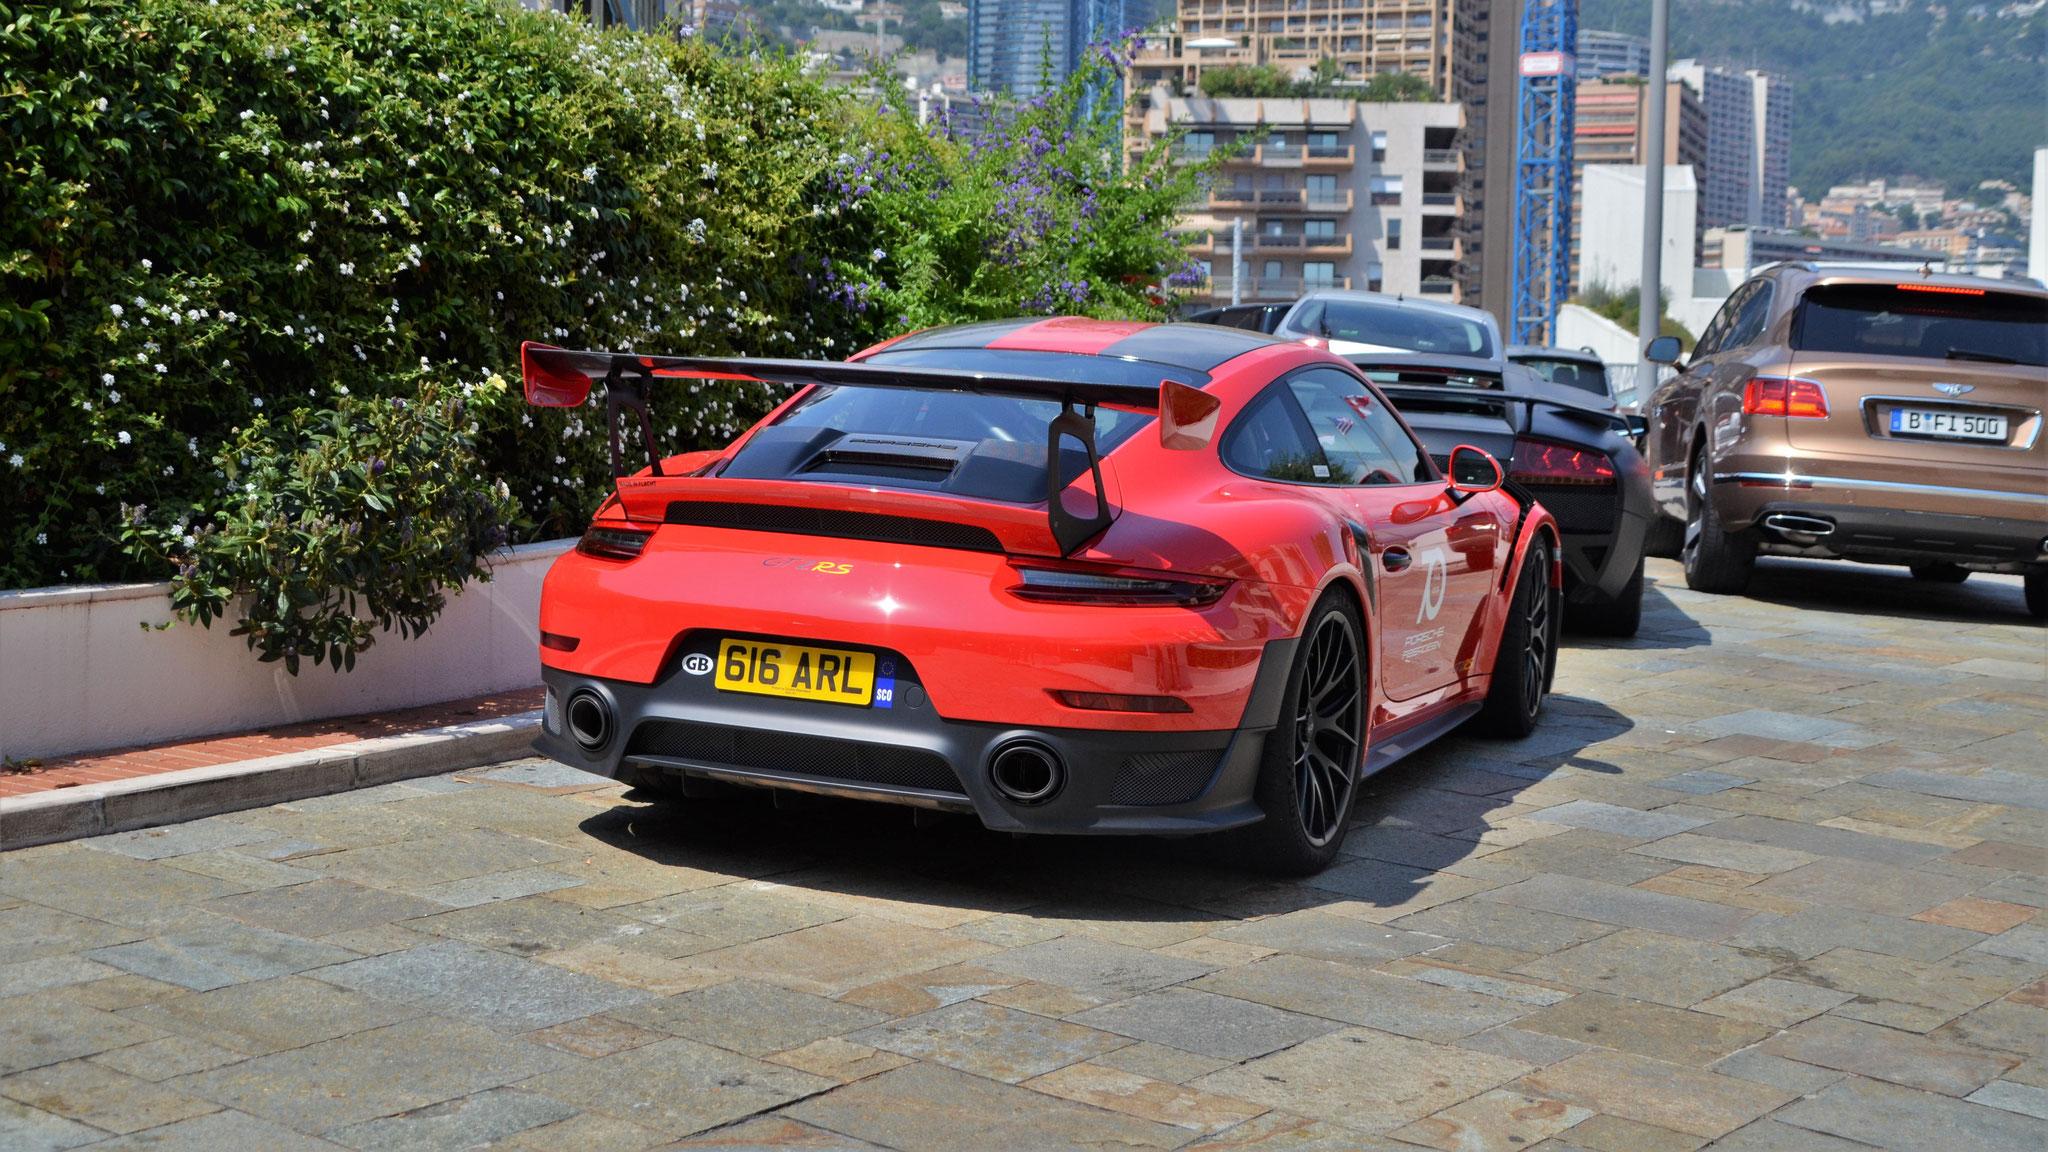 Porsche 911 GT2 RS - 616-ARL (GB)